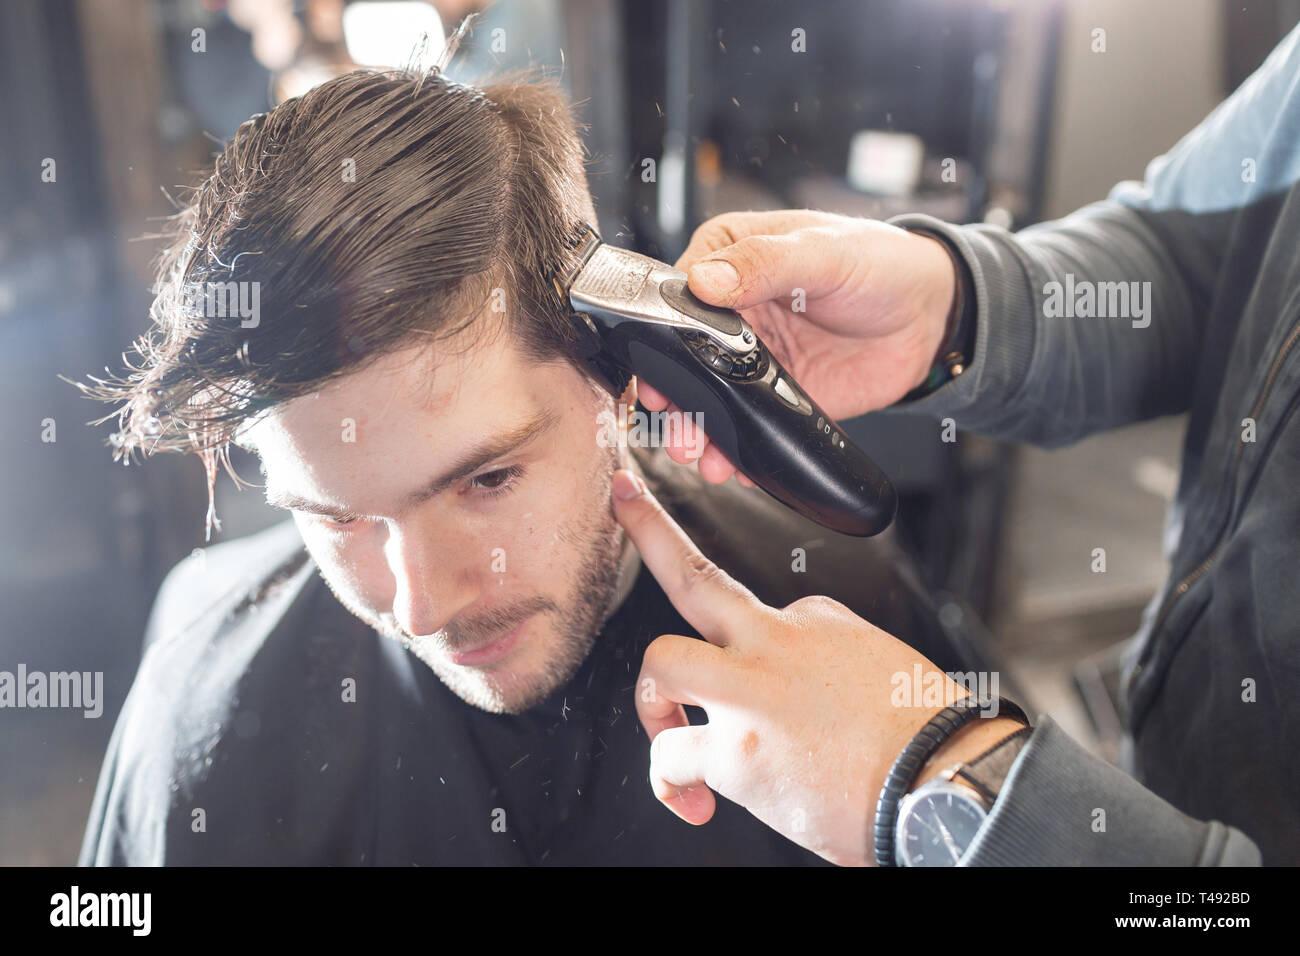 Master Schneidet Haare Und Bart Der Männer In Der Barbershop